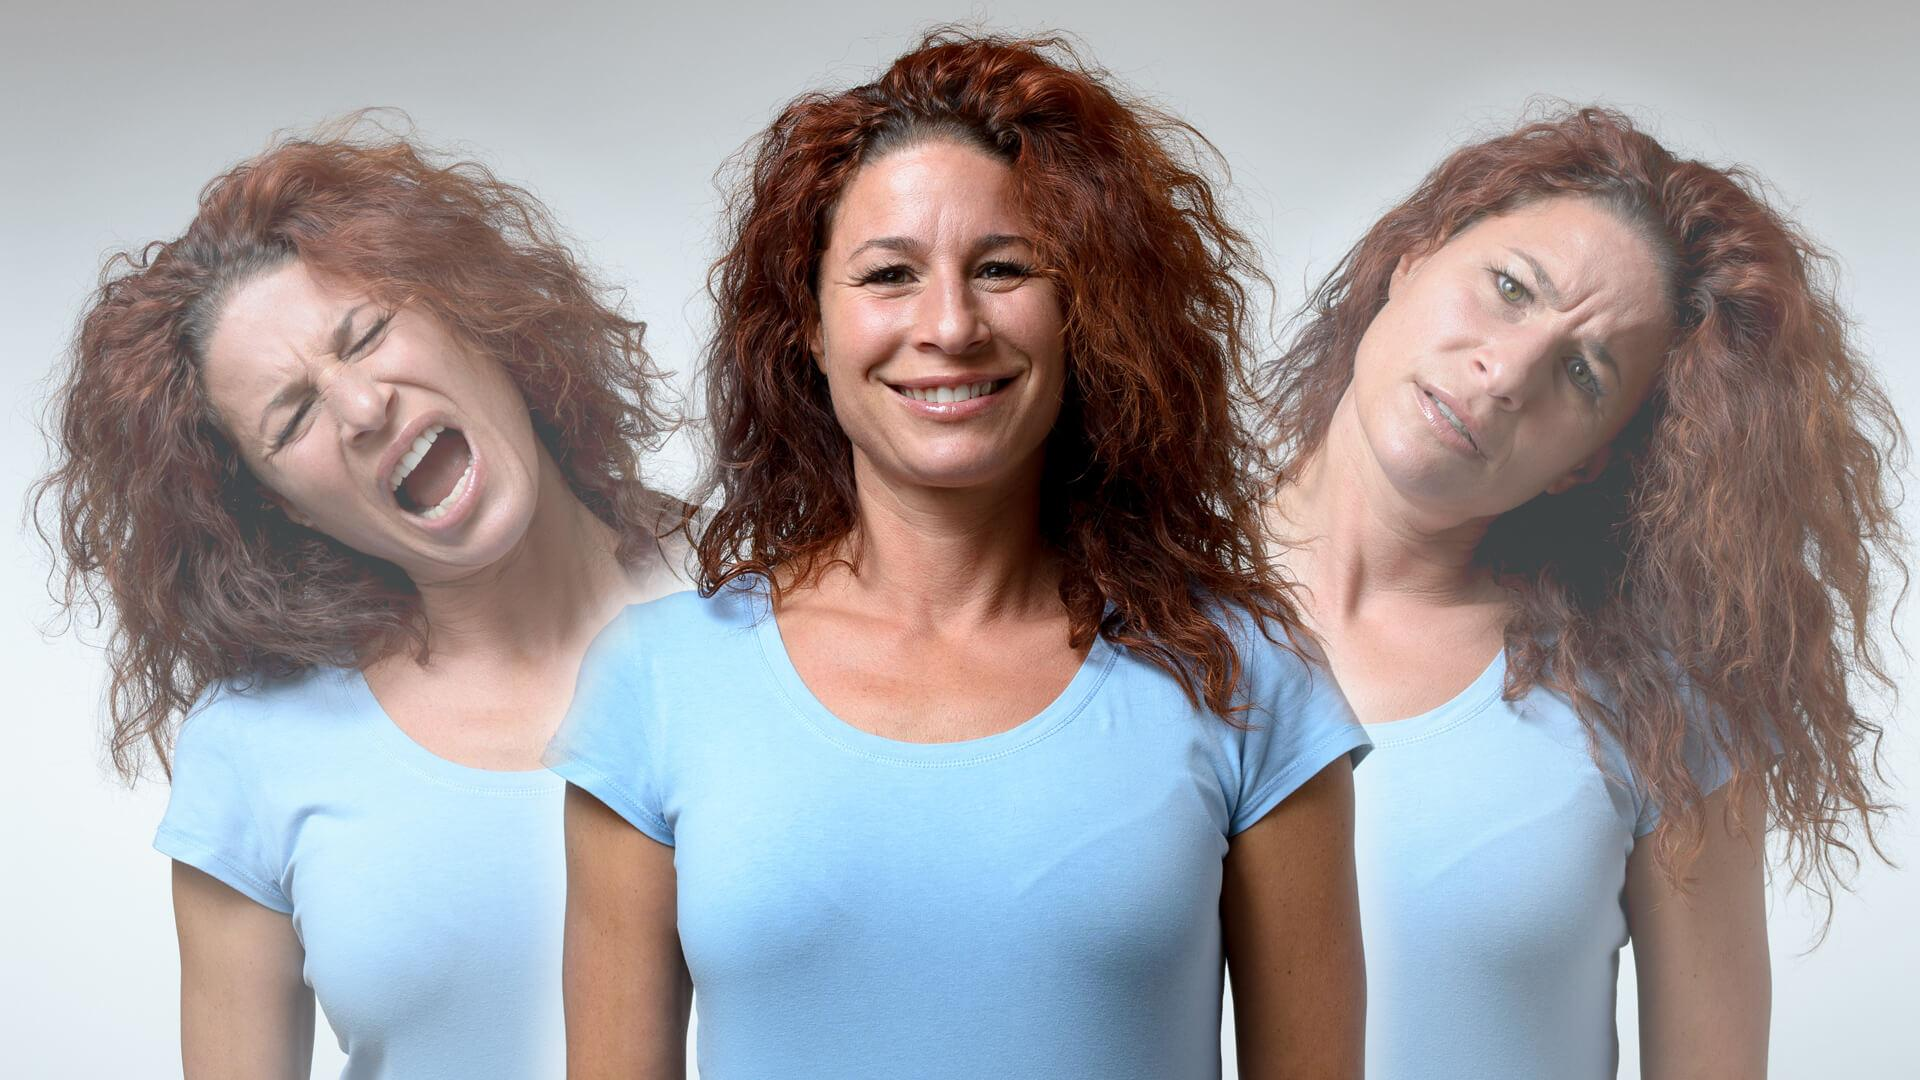 Открыты генетические механизмы возникновения биполярного расстройства